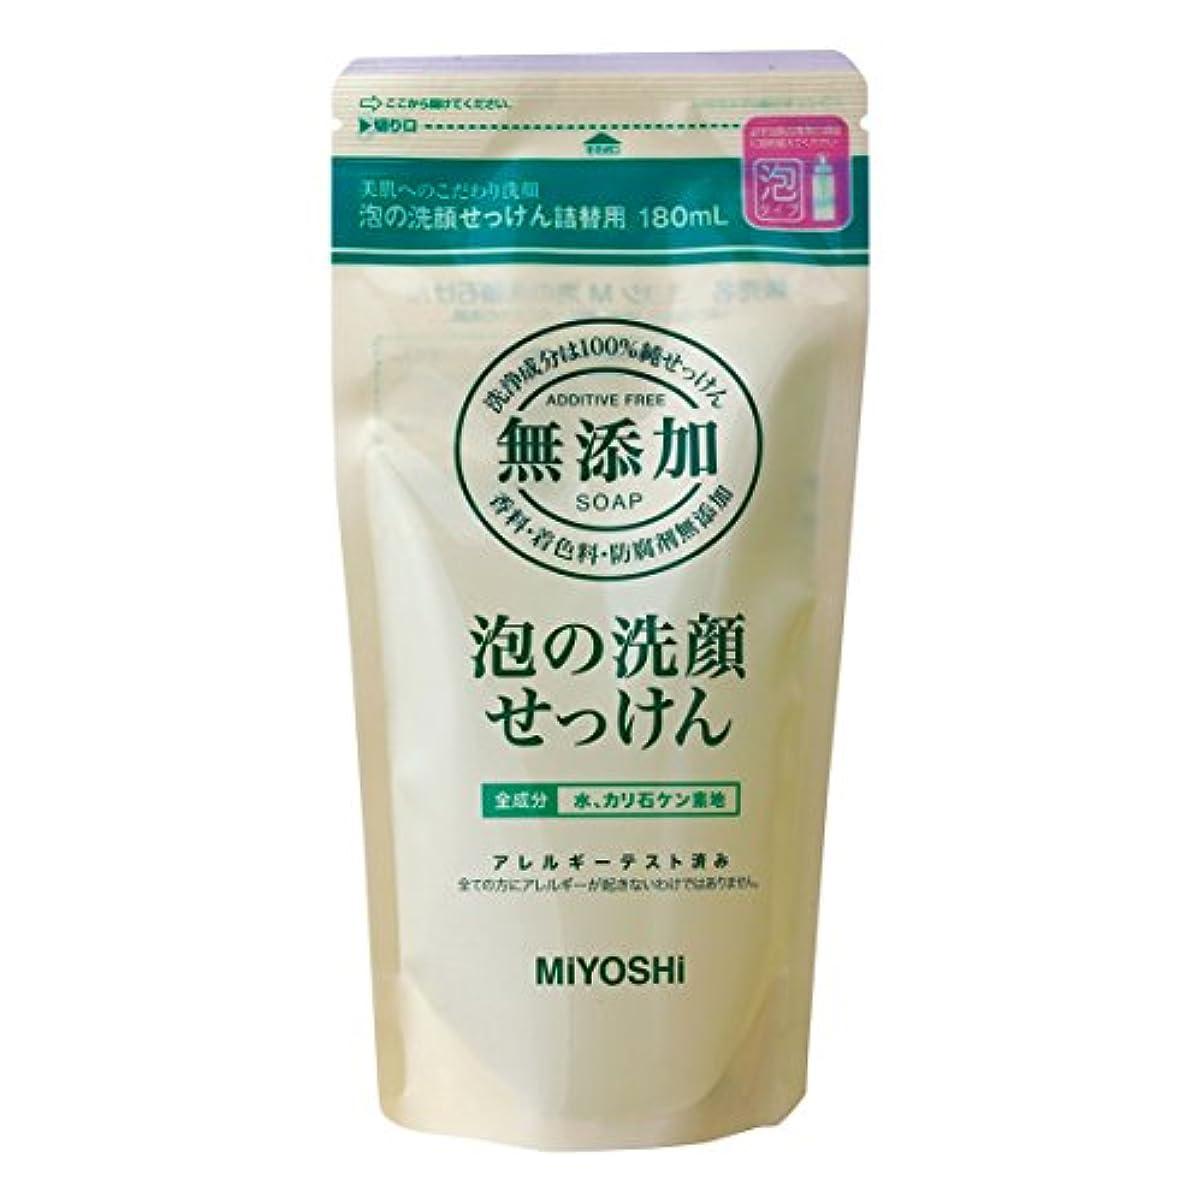 緩やかな汚物床無添加泡の洗顔せっけん 詰替180ml